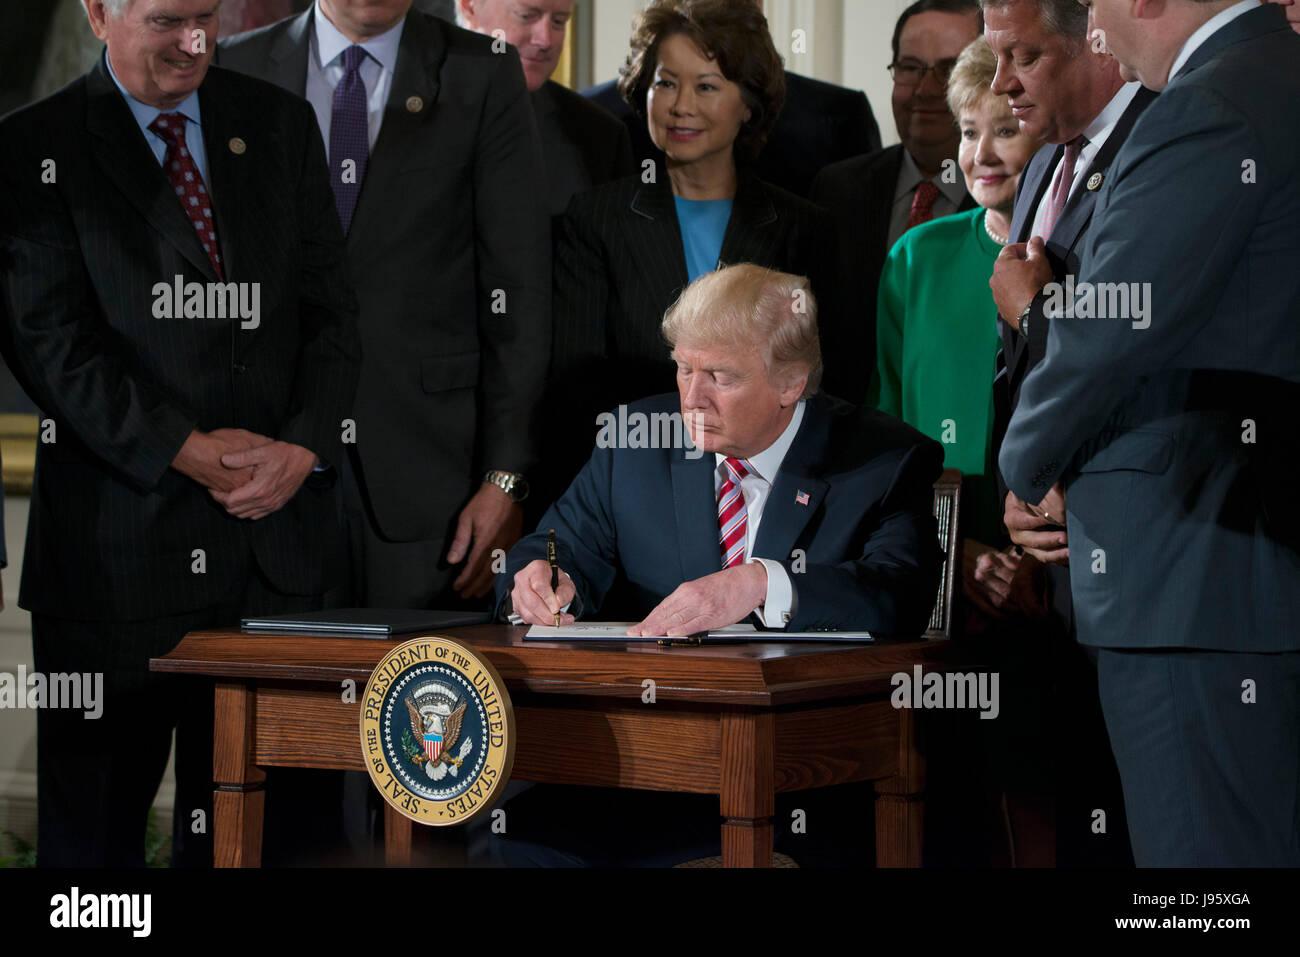 Washington, Stati Uniti d'America. 05 Giugno, 2017. Presidente Donald Trump J tiene una conferenza stampa nella Immagini Stock